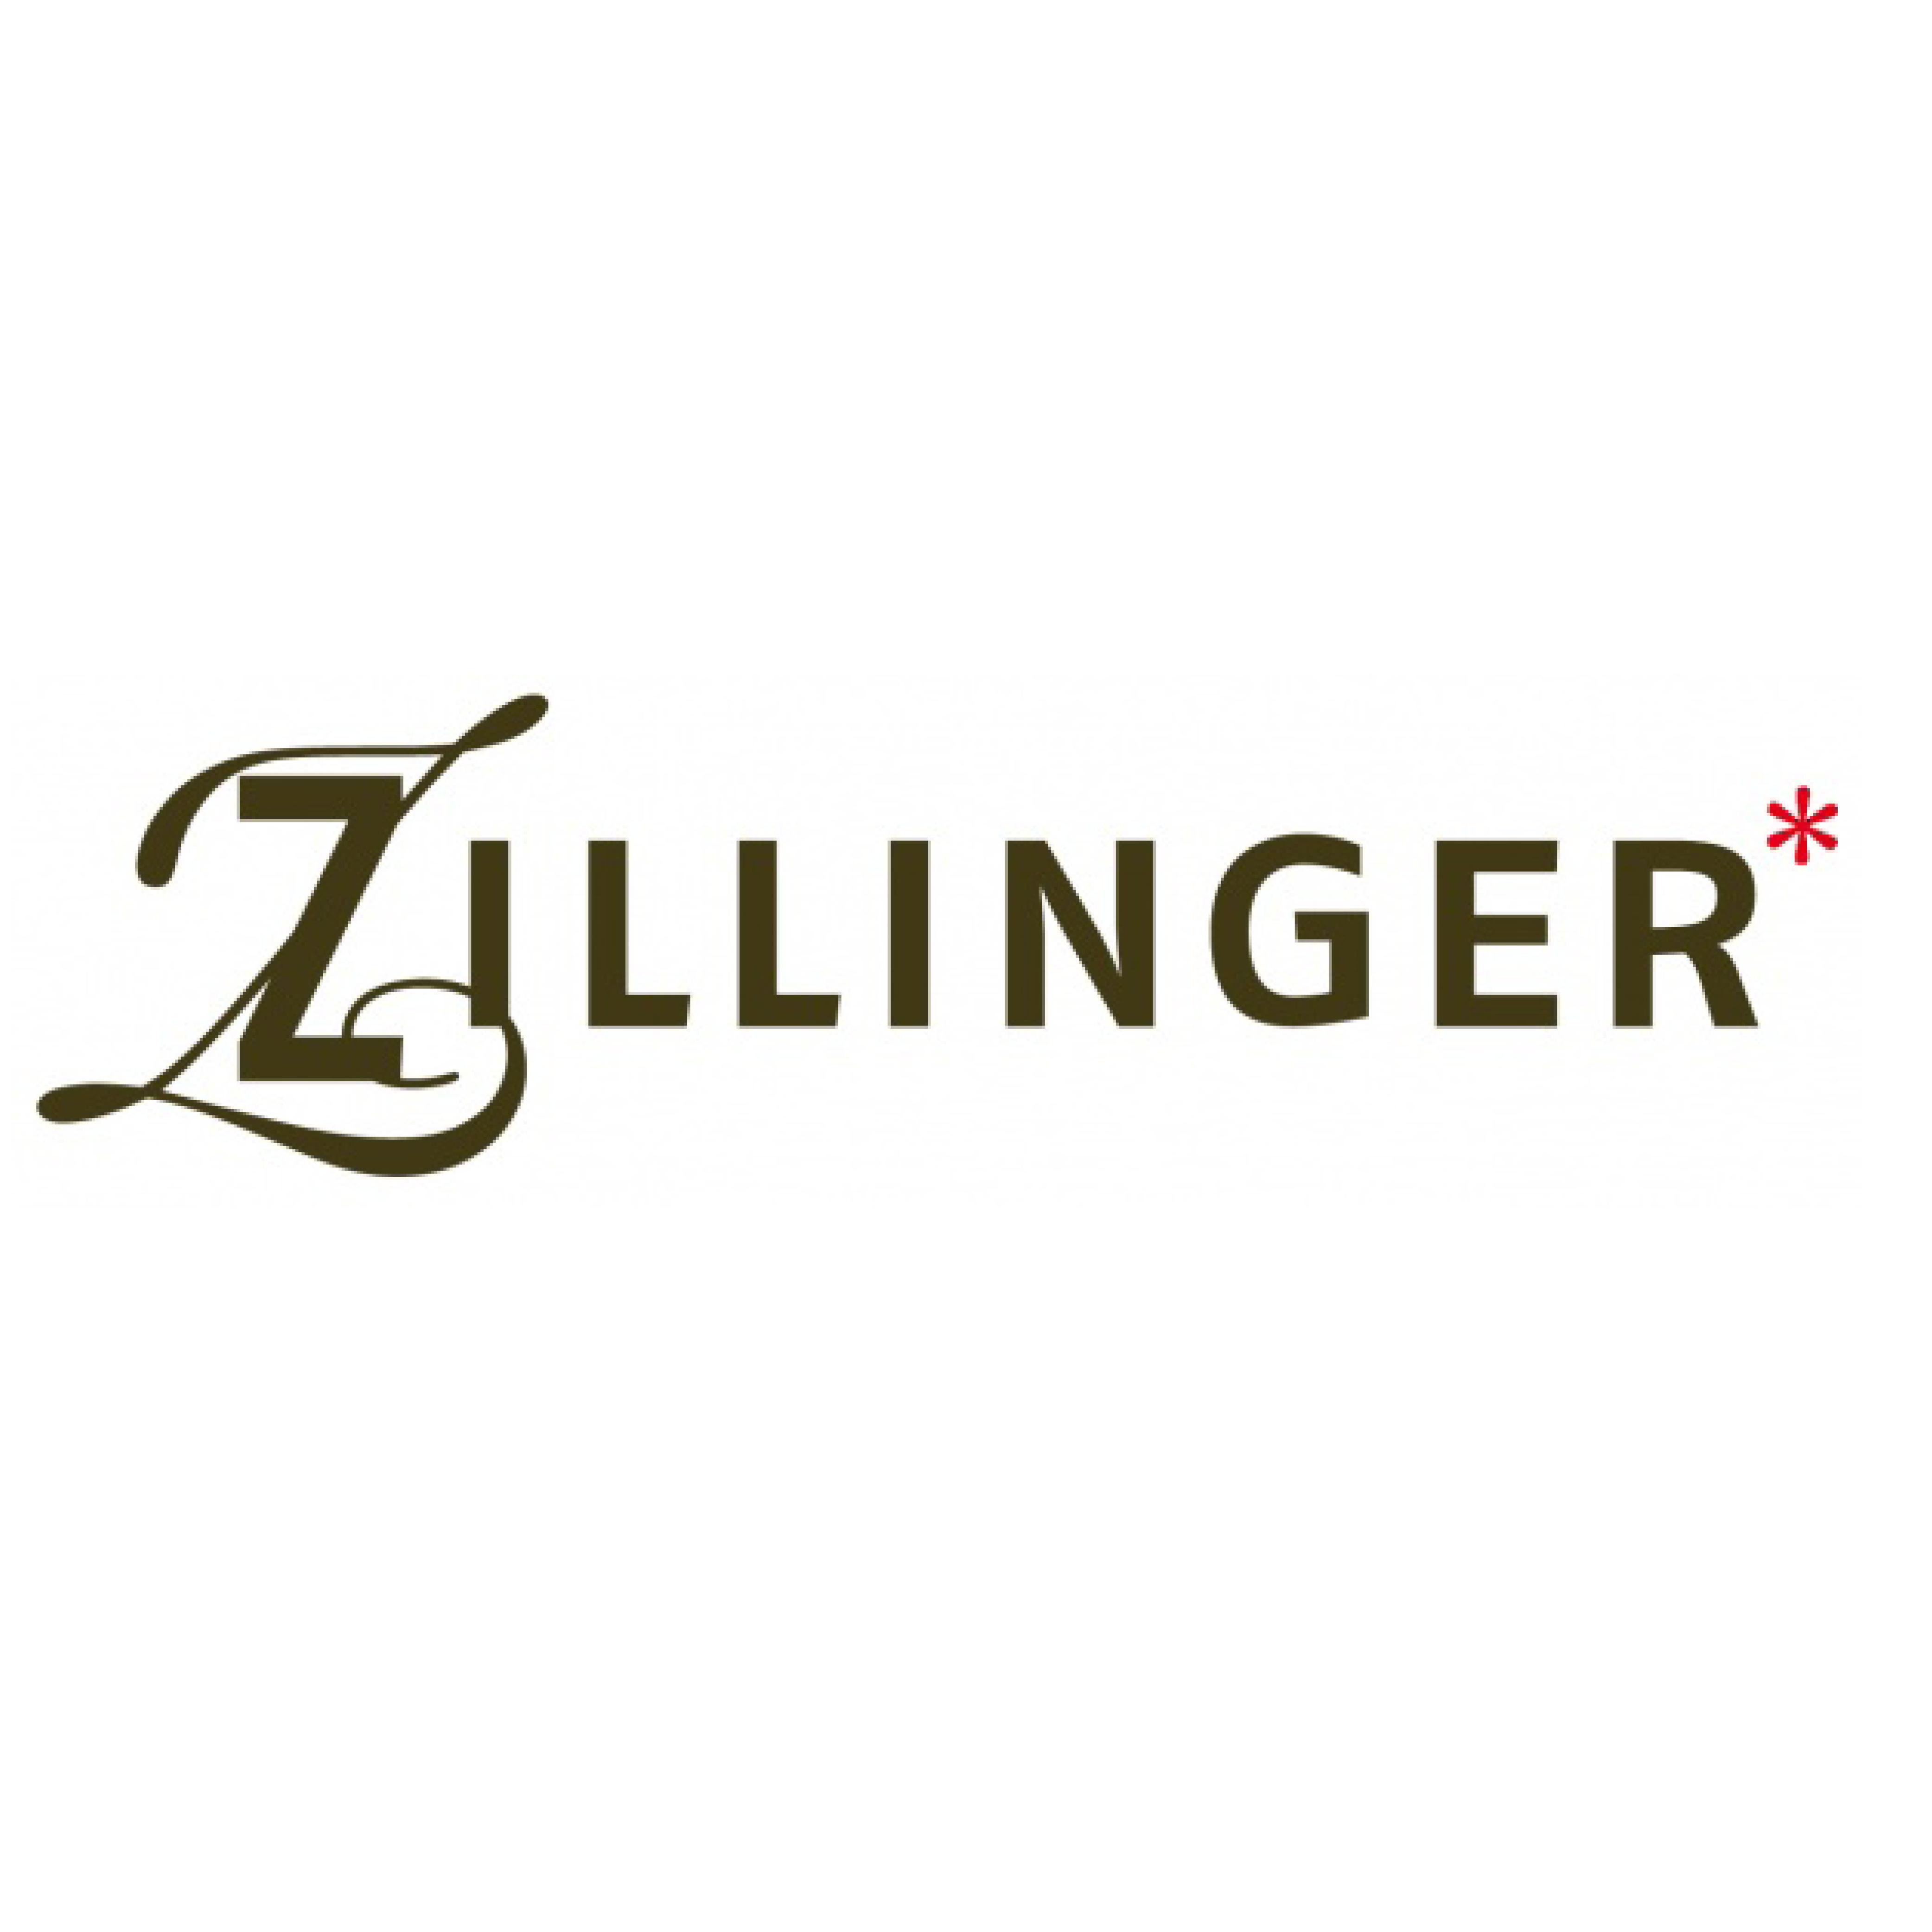 Zillinger a Vinòforum Class